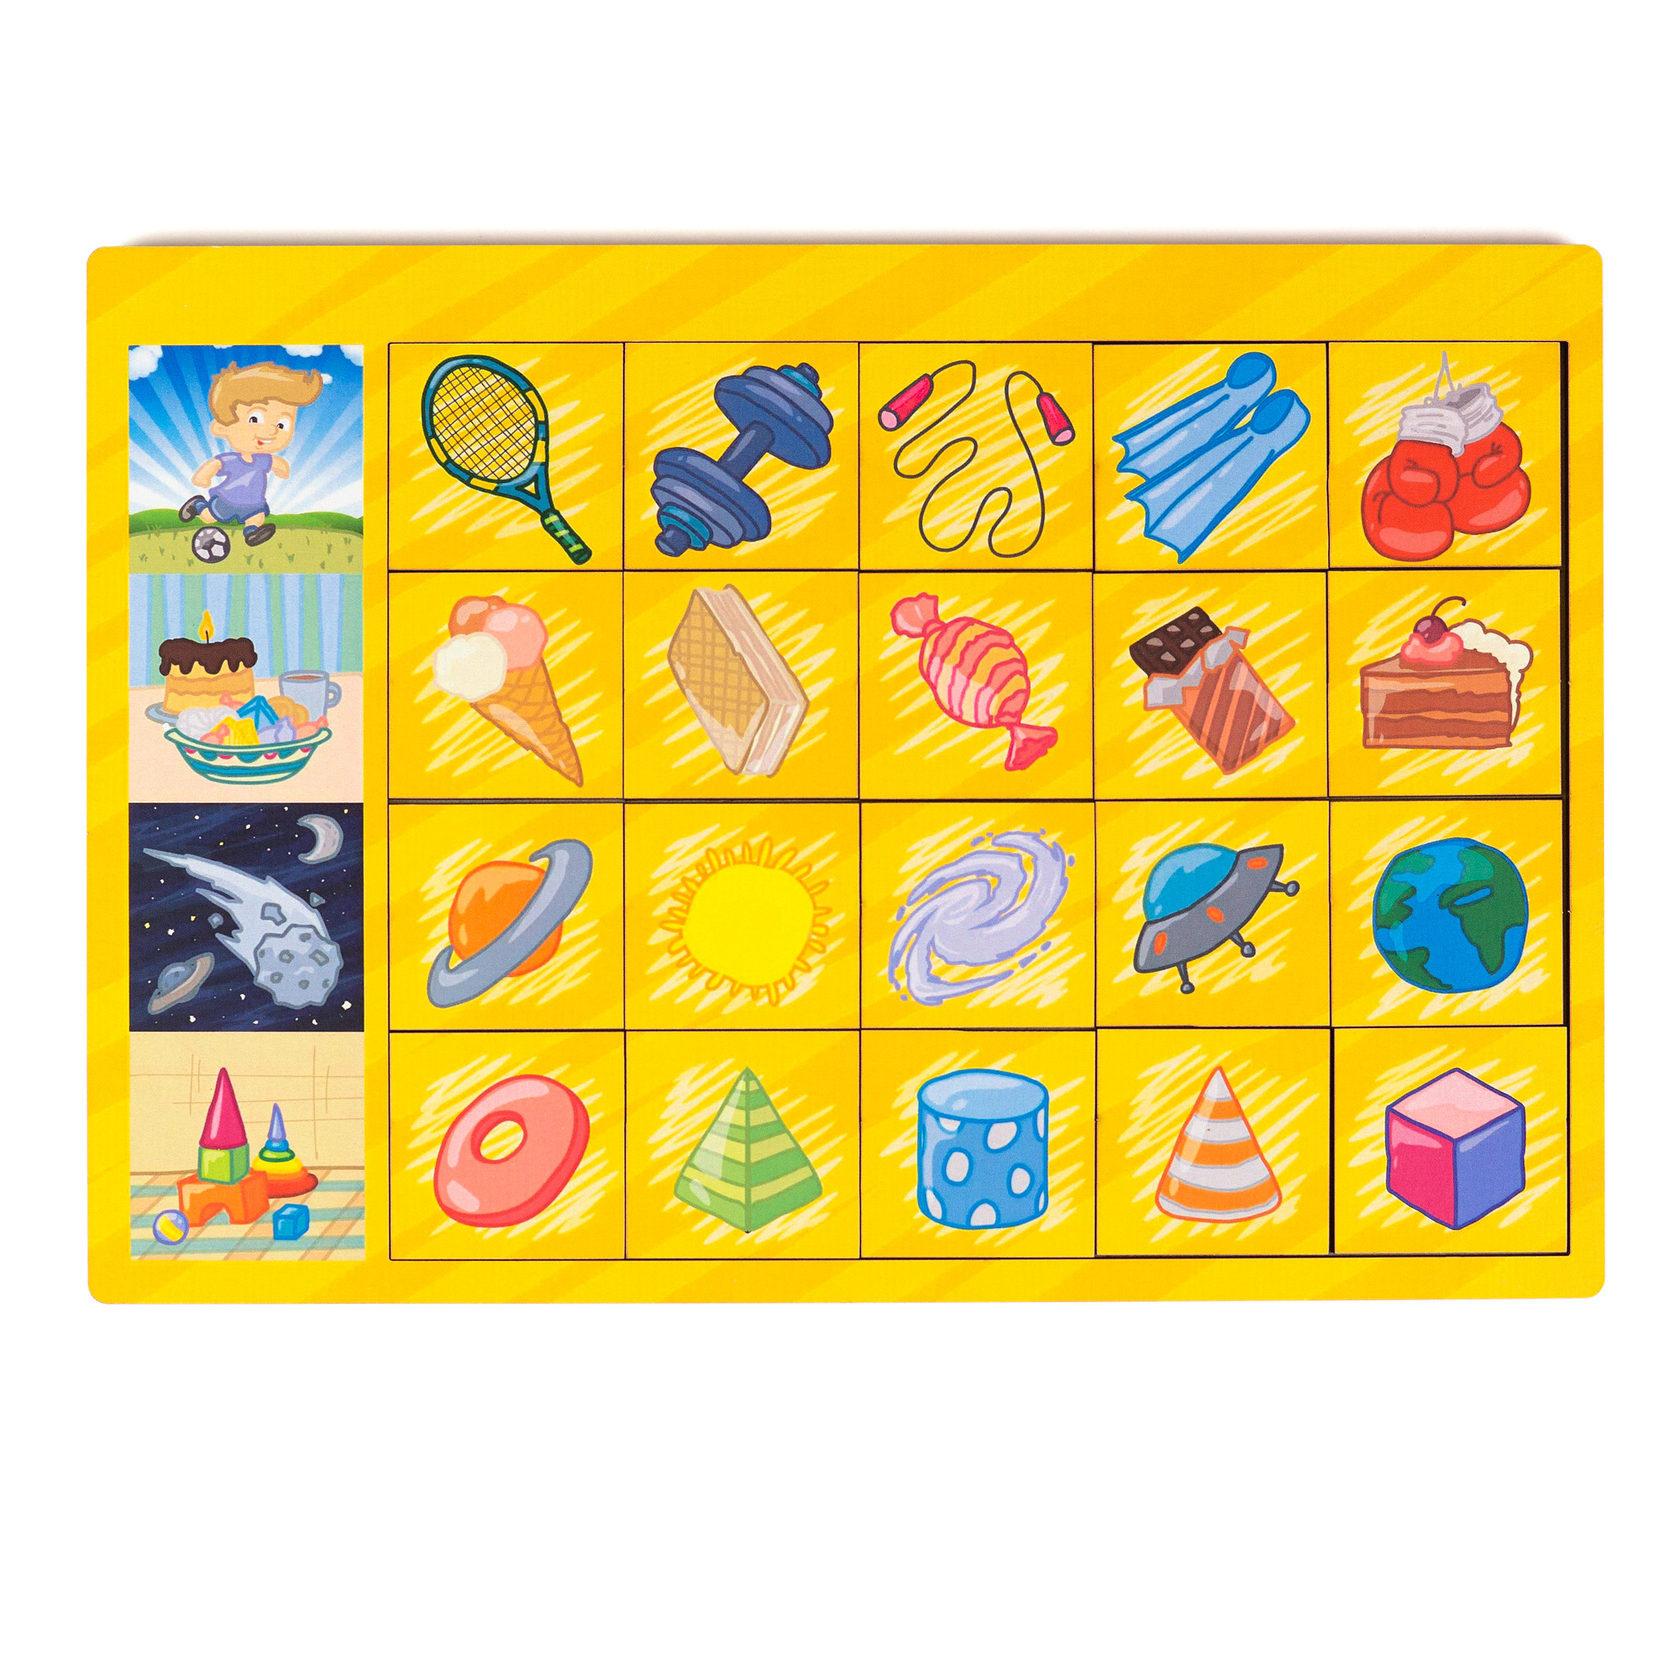 Купить Вкладыши PAREMO Логические цепочки общие, Развивающие игрушки